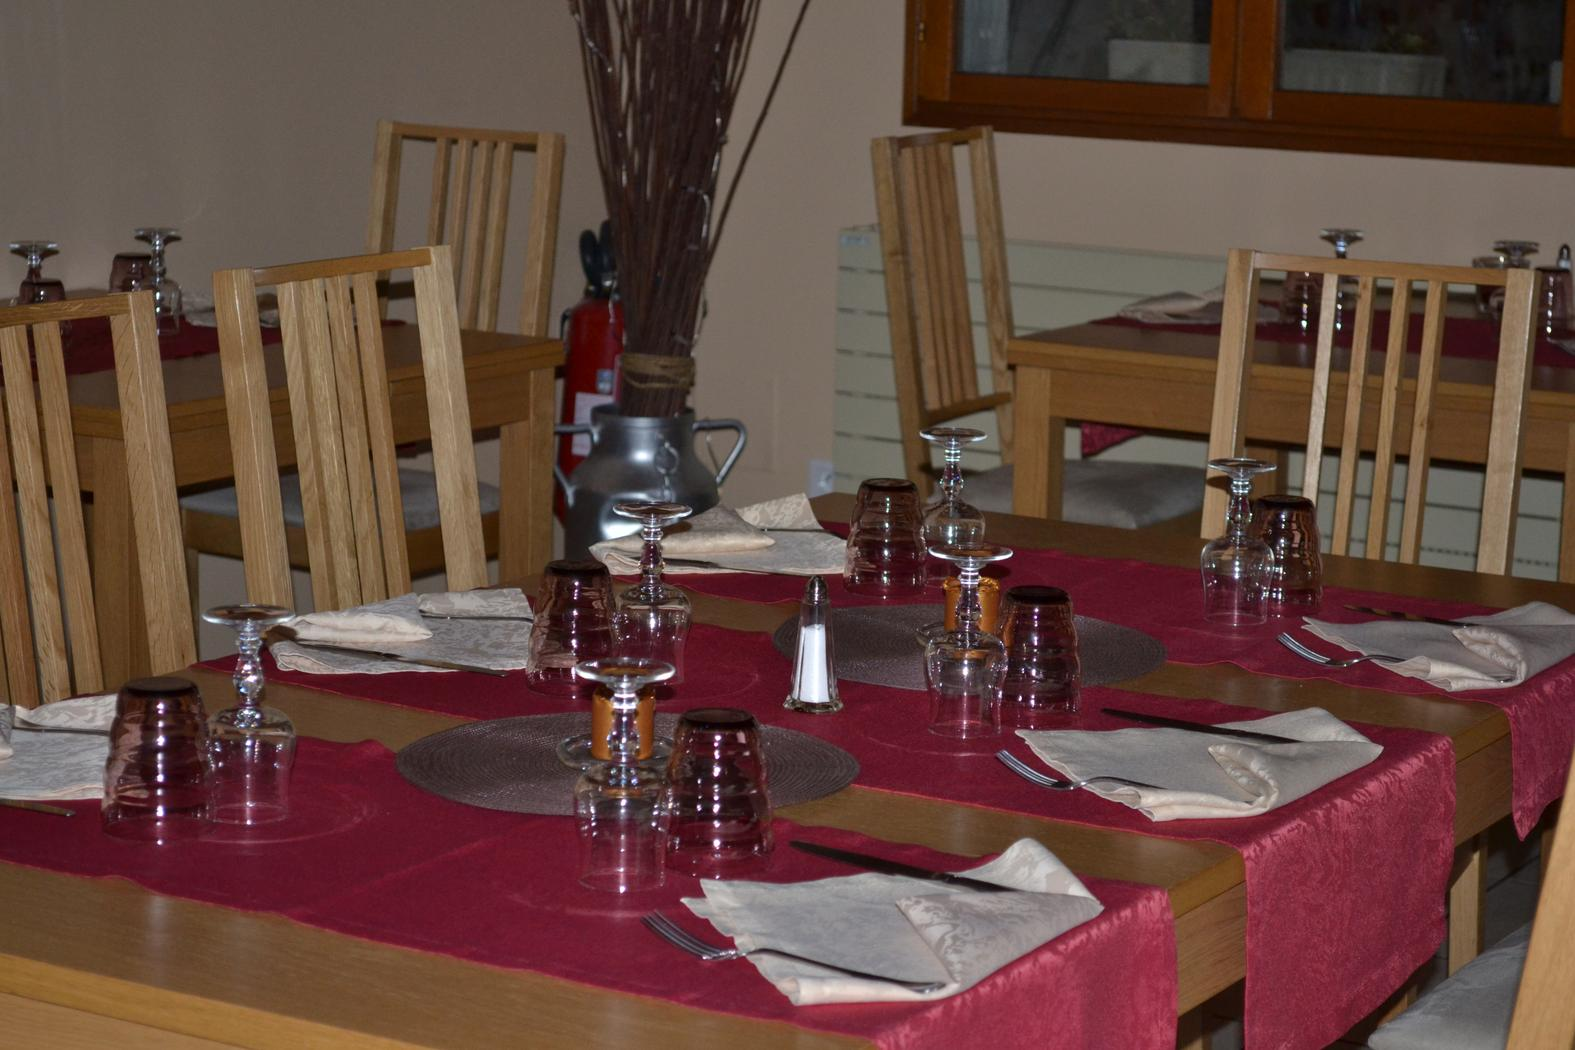 le chalet restaurant votre pause d 233 tente 224 chartrettes about me